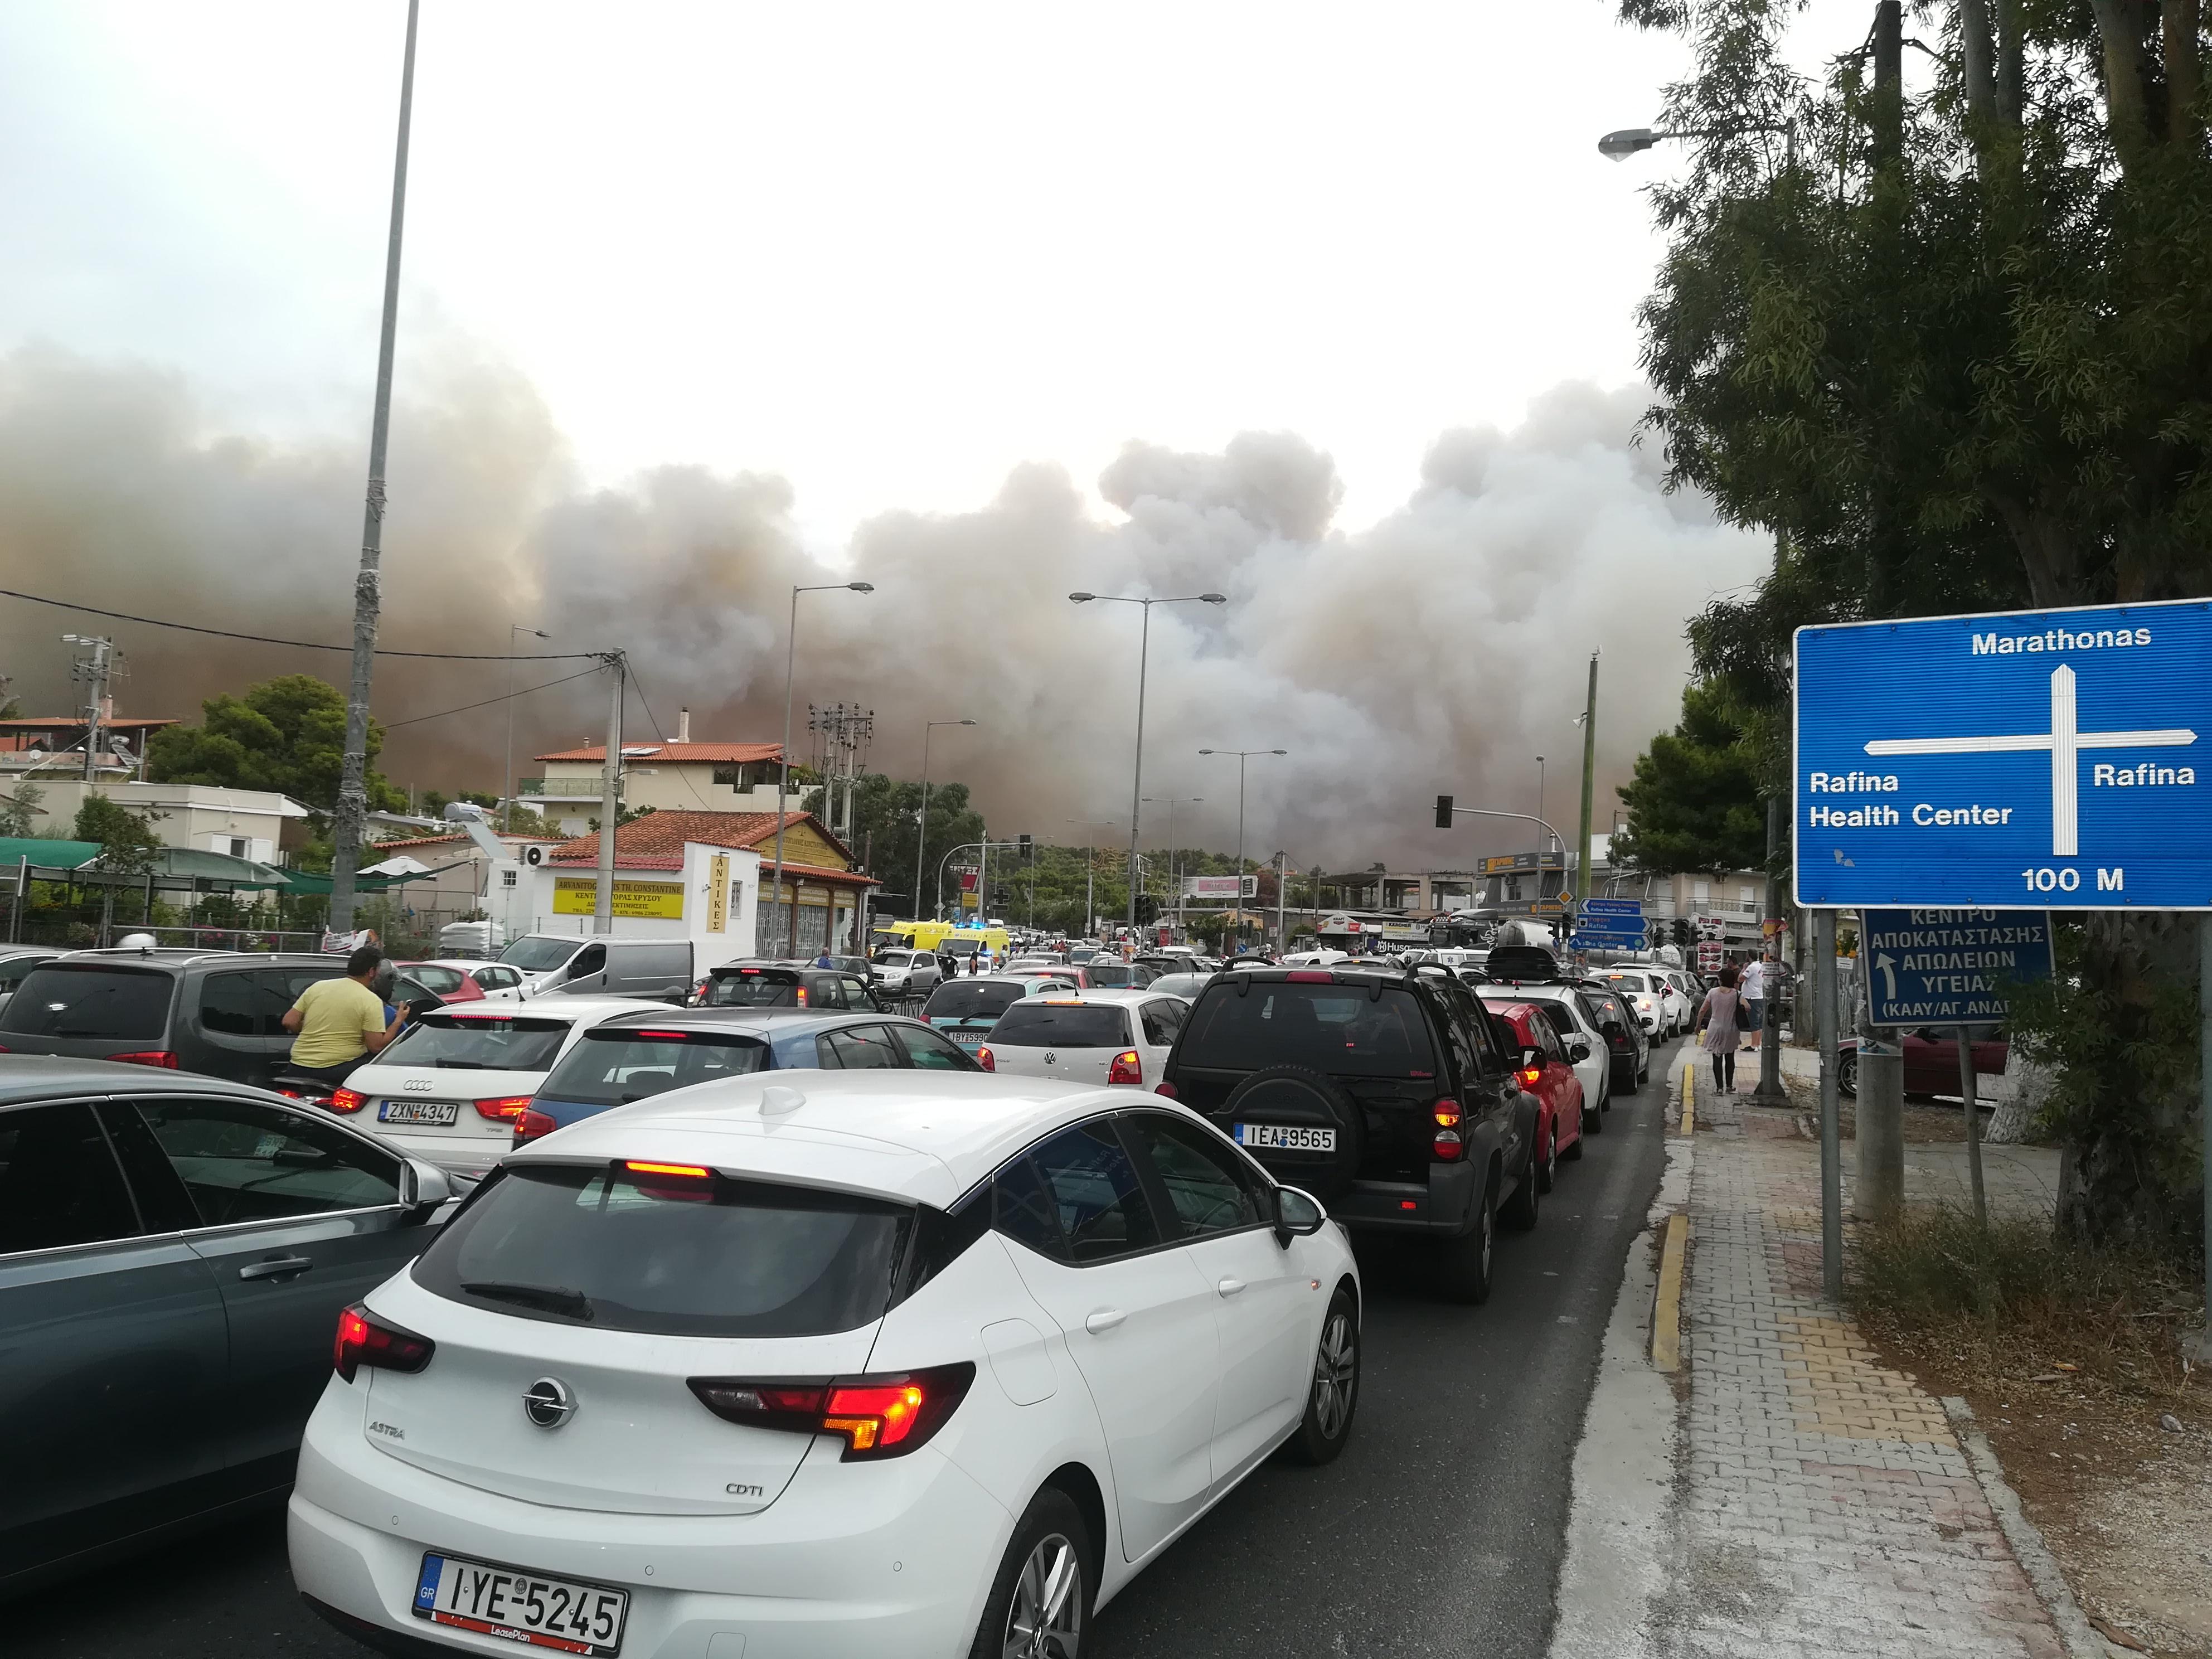 eikones-oloklirotikis-katastrofis-apo-tis-pyrkagies-foto-amp-8211-vinteo18